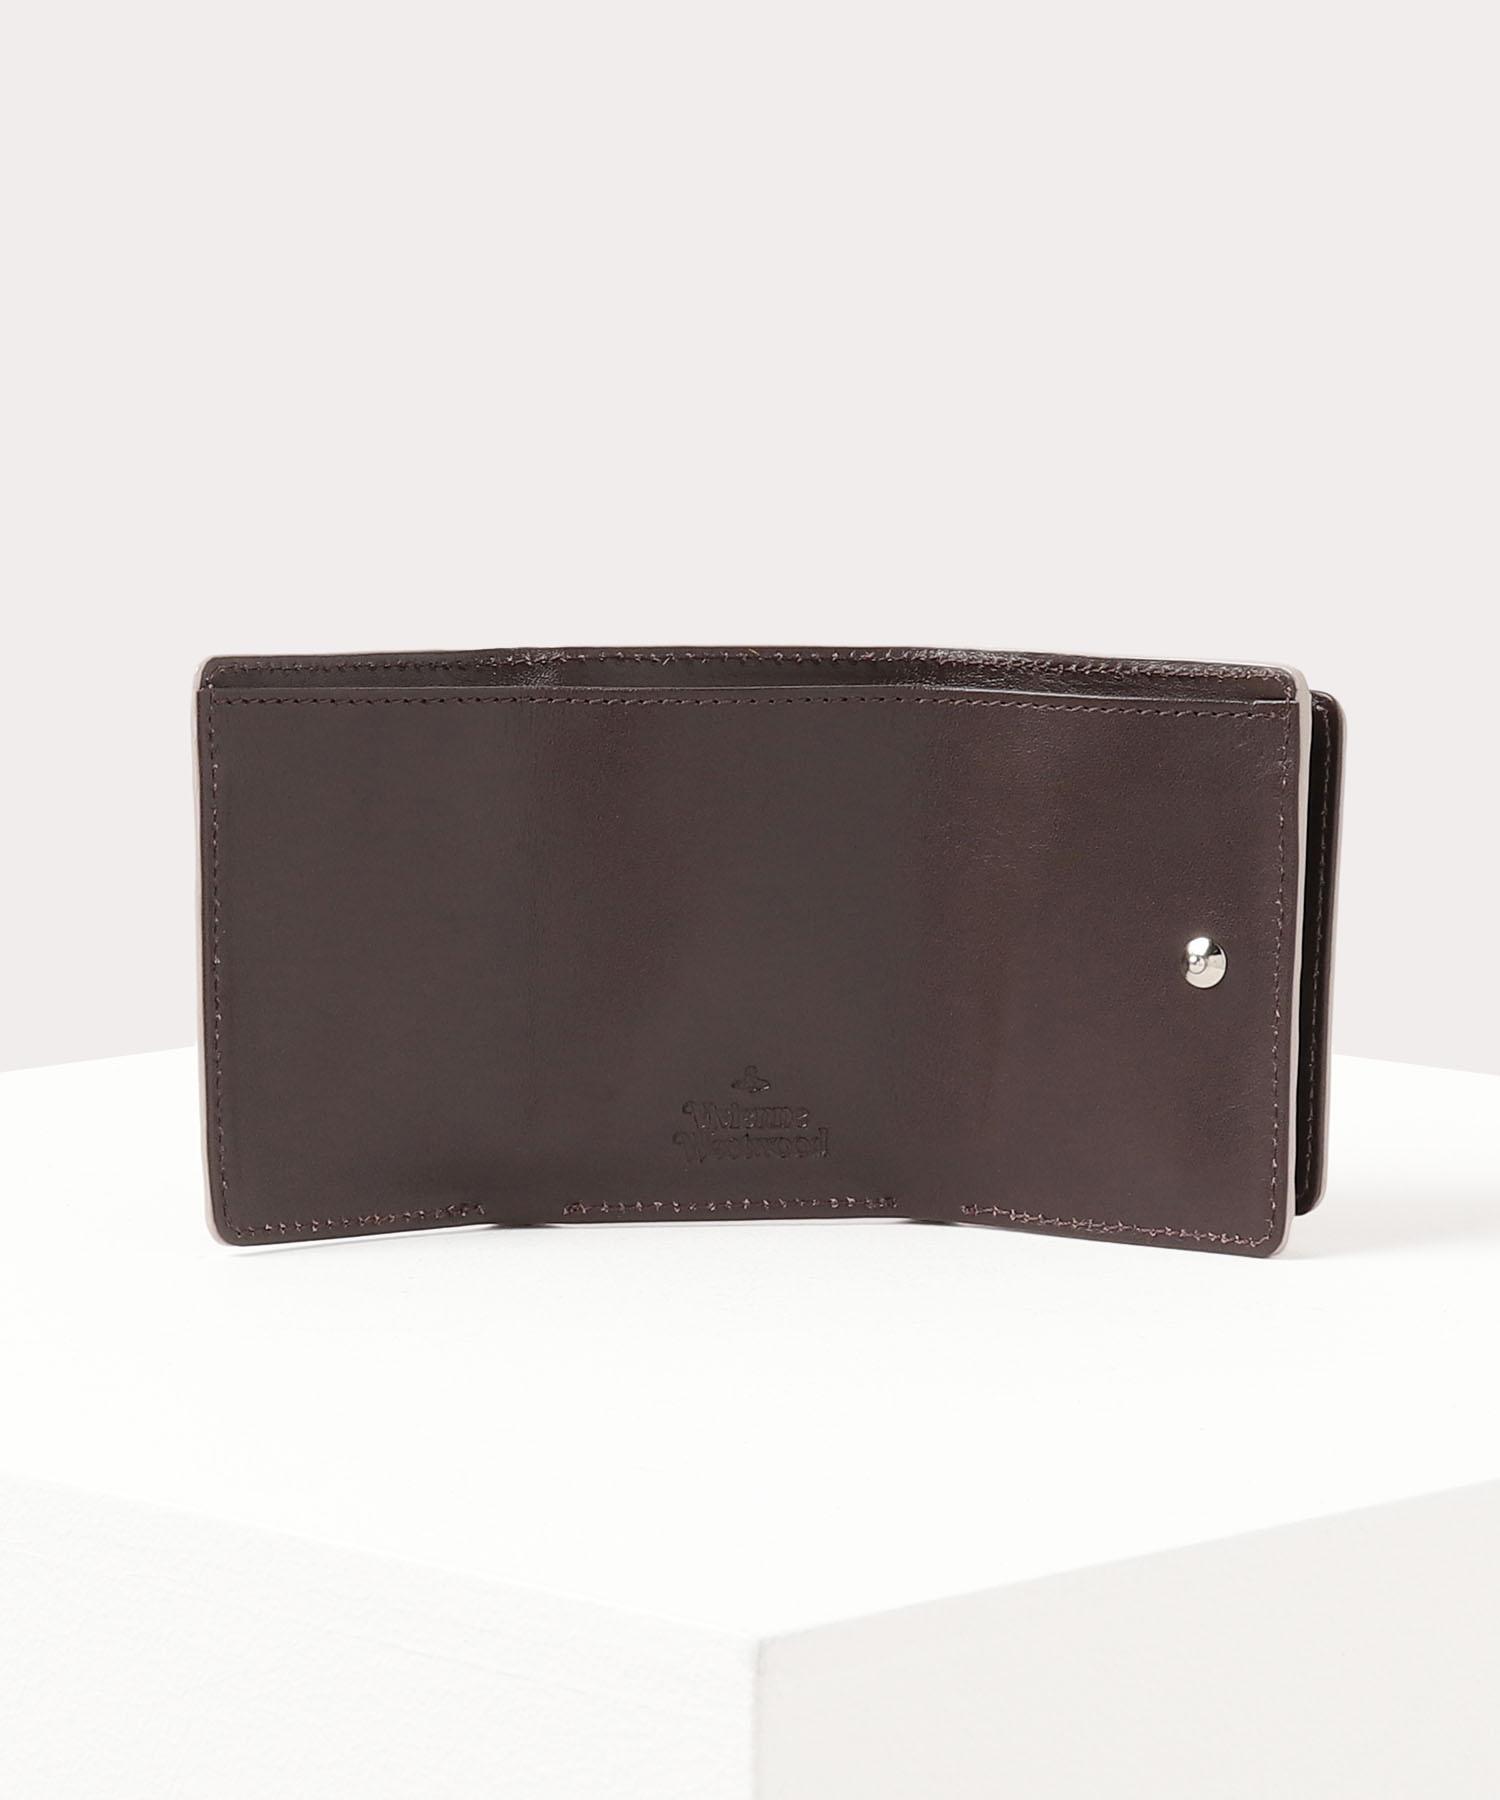 NEW グラデーション 三つ折り財布